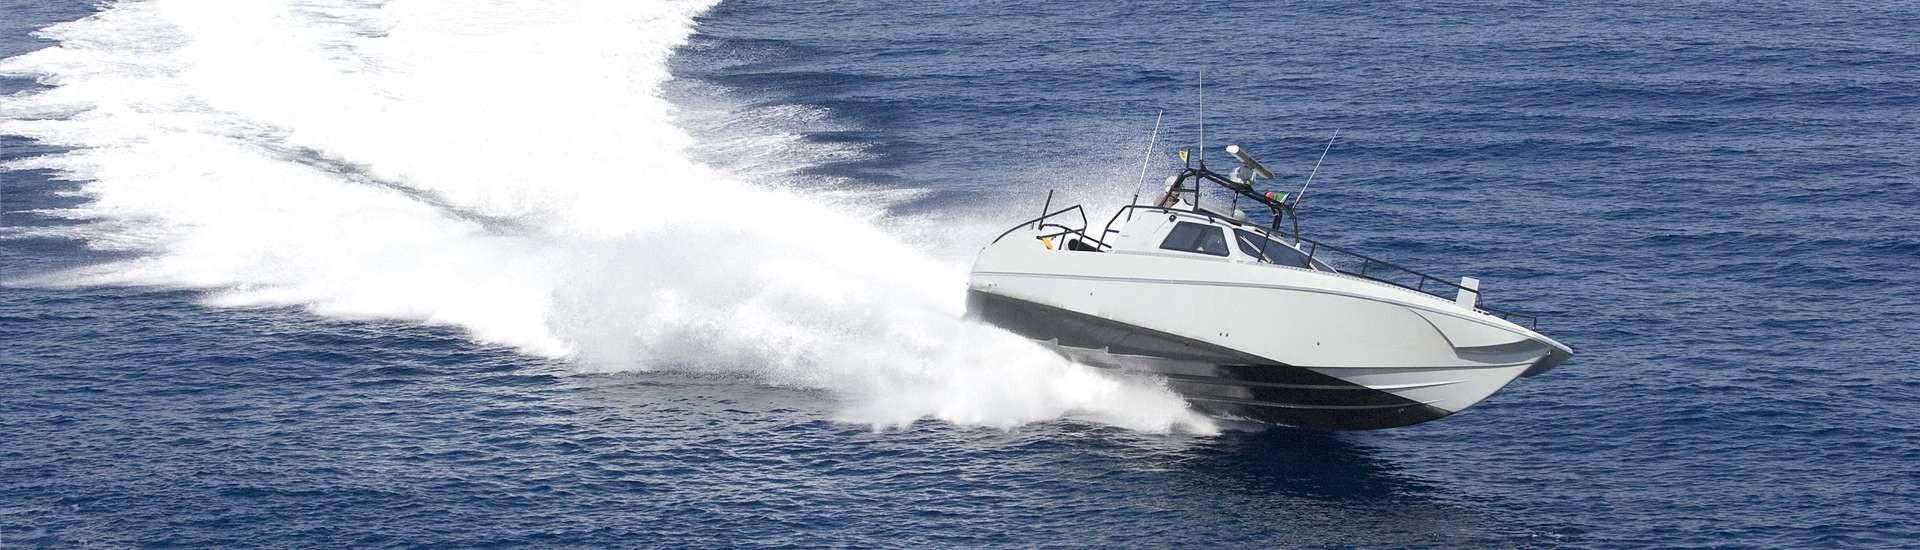 Italy Motor Yacht